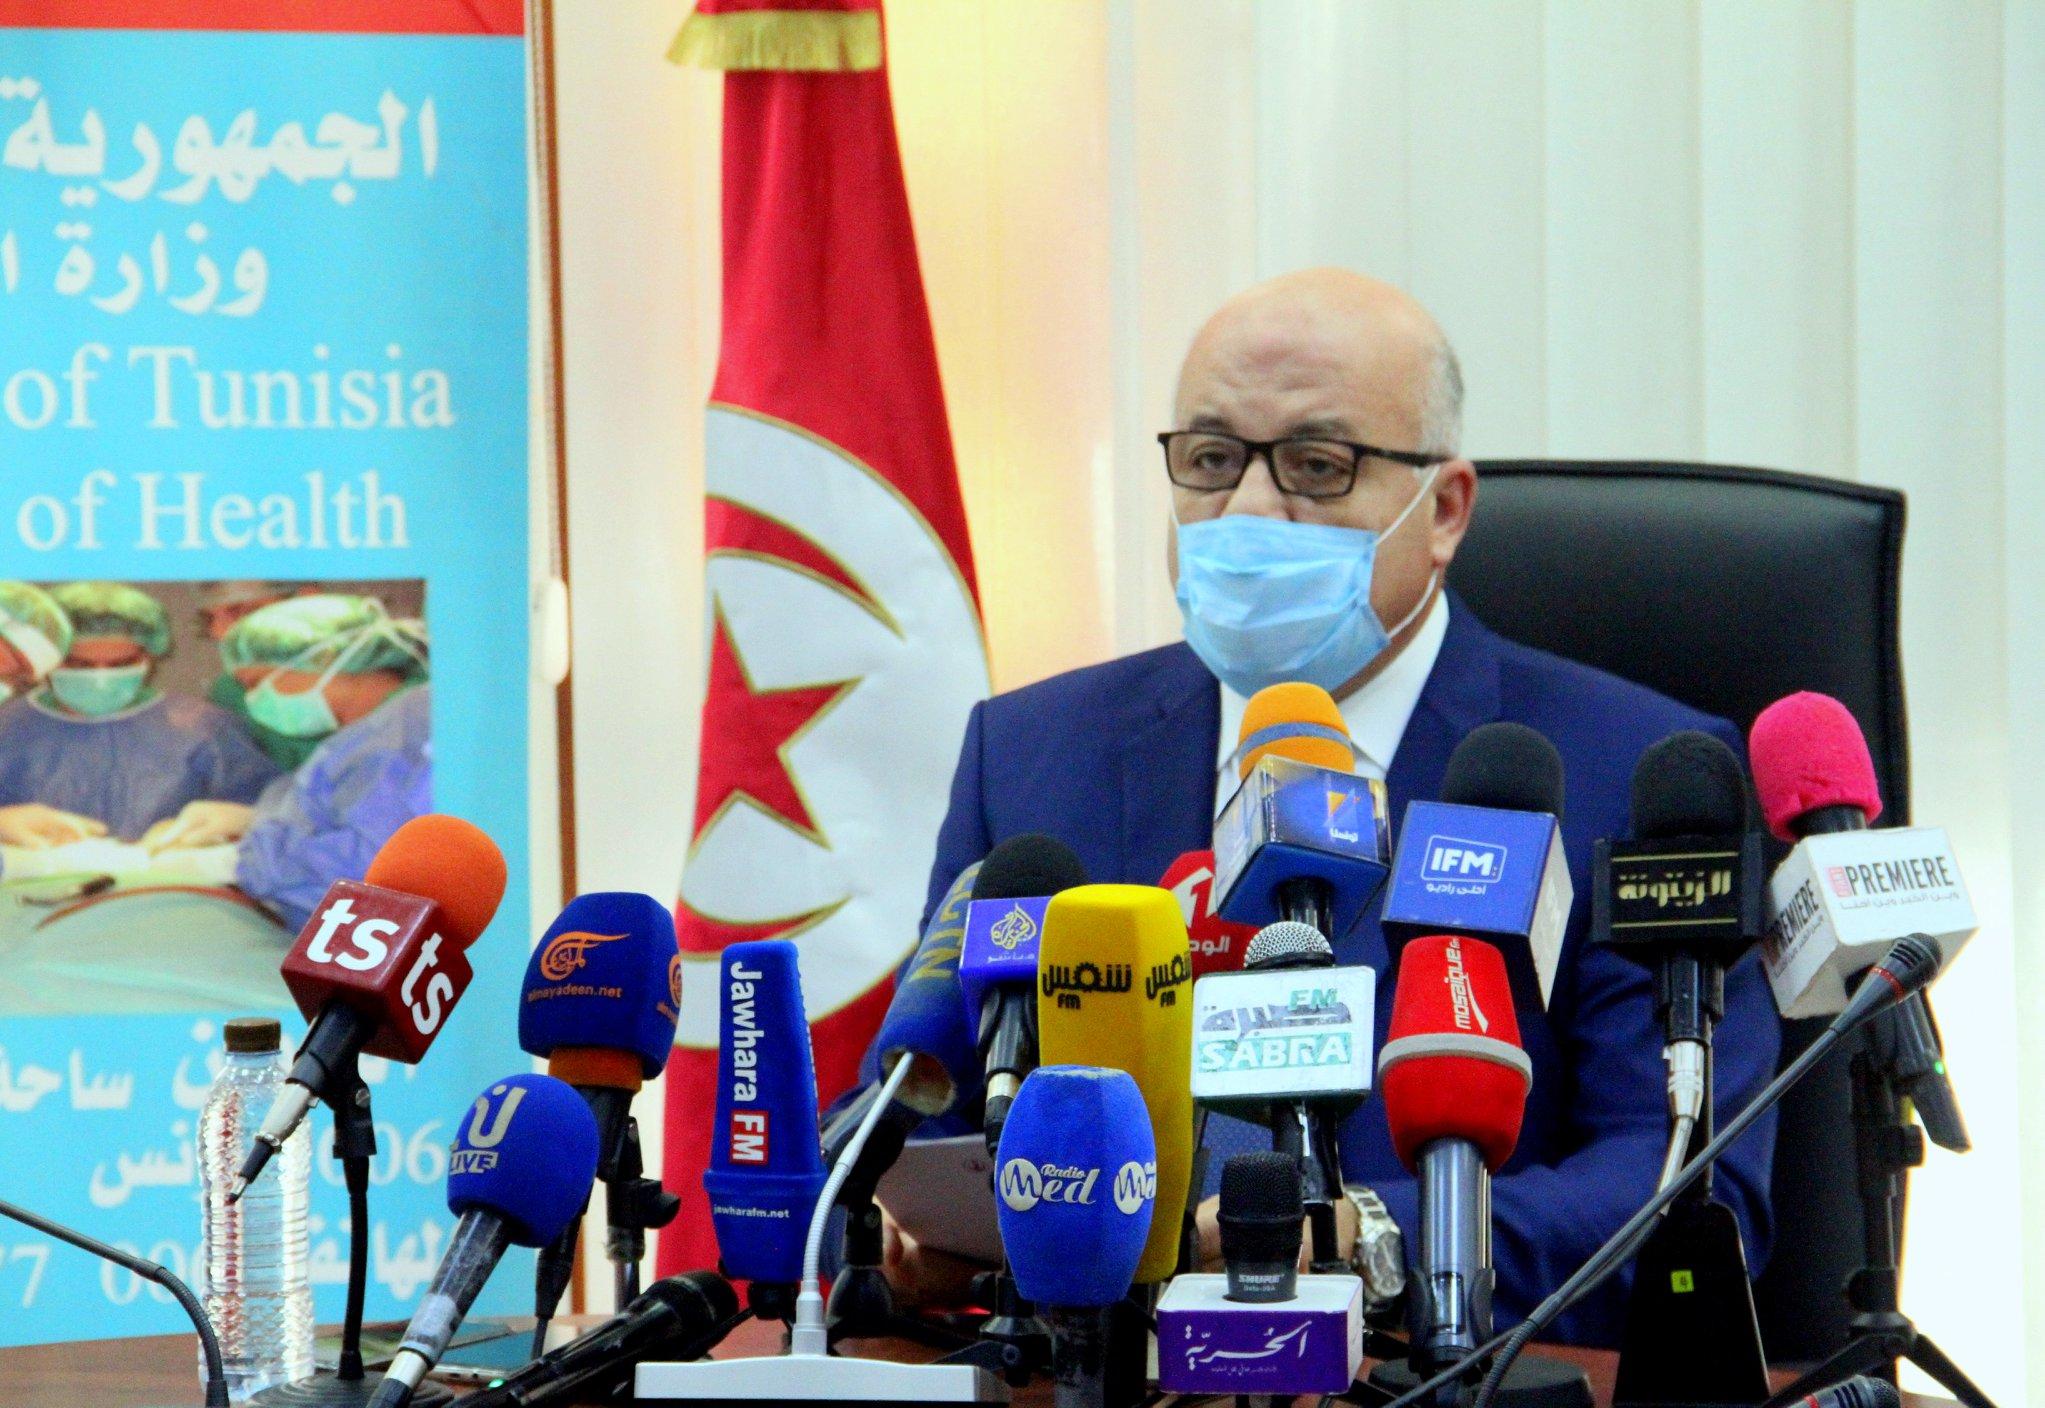 Tunisie: Le ministre de la Santé tranche sur la vaccination des membres du gouvernement